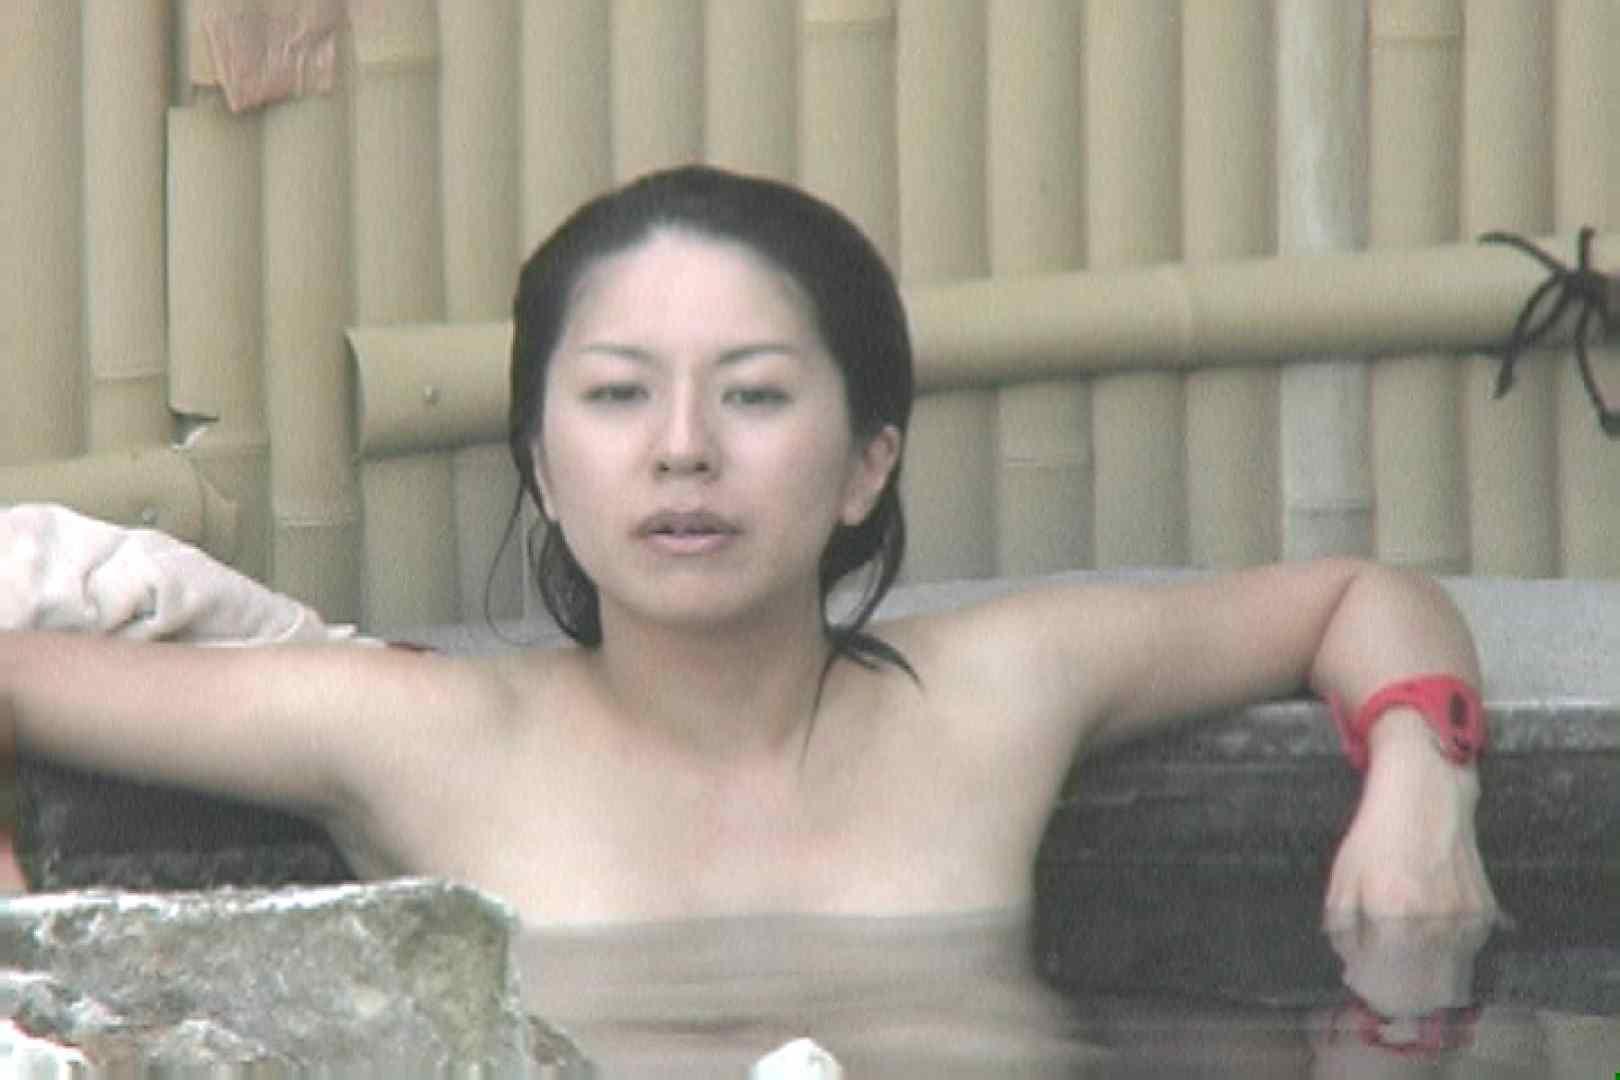 Aquaな露天風呂Vol.694 盗撮  110PICs 63